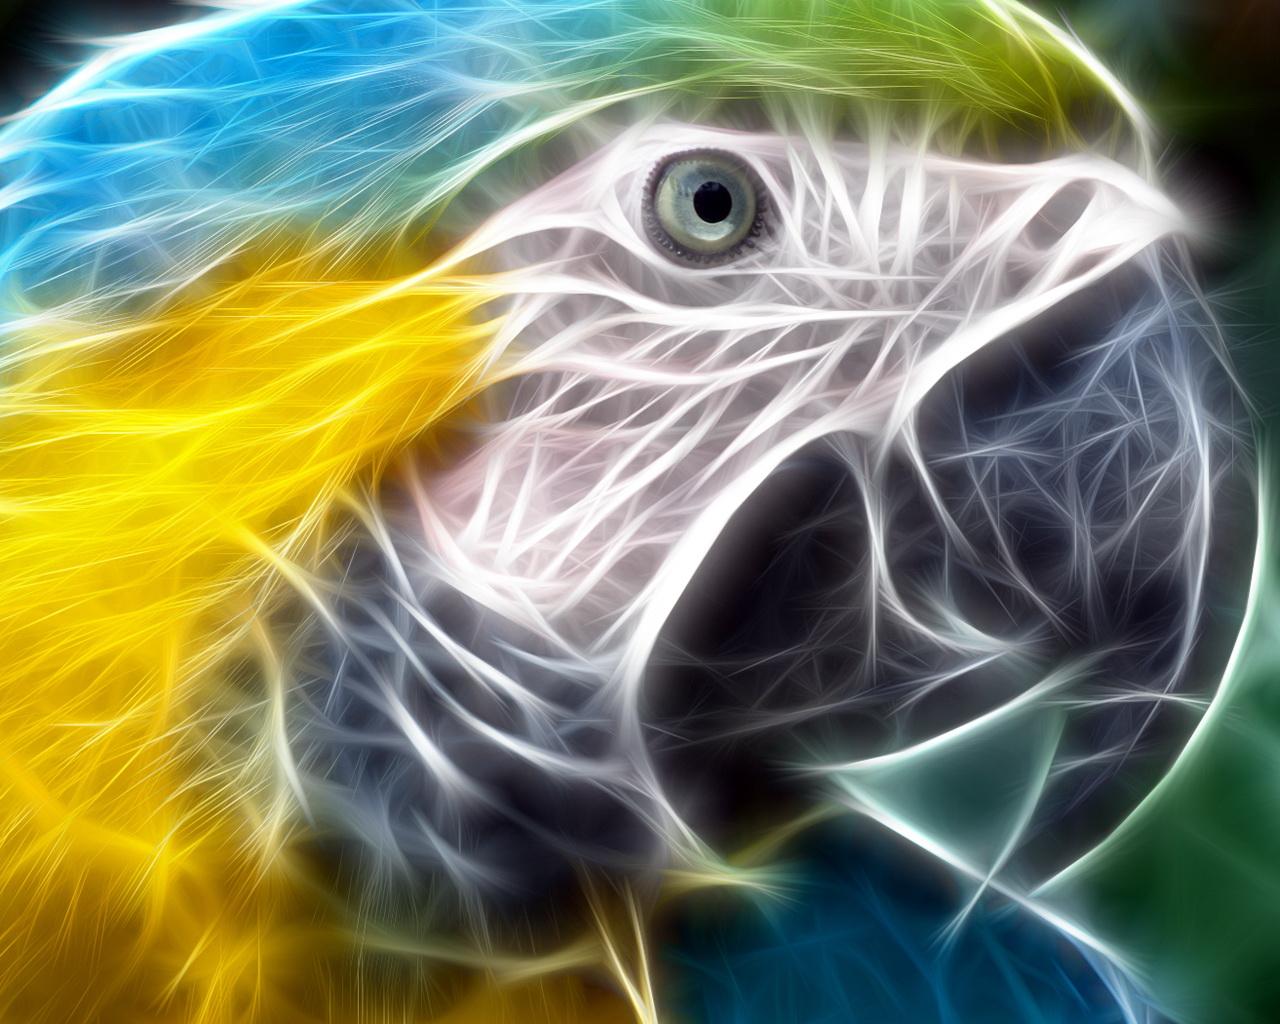 обои для рабочего стола, попугай, parrot wallpaper